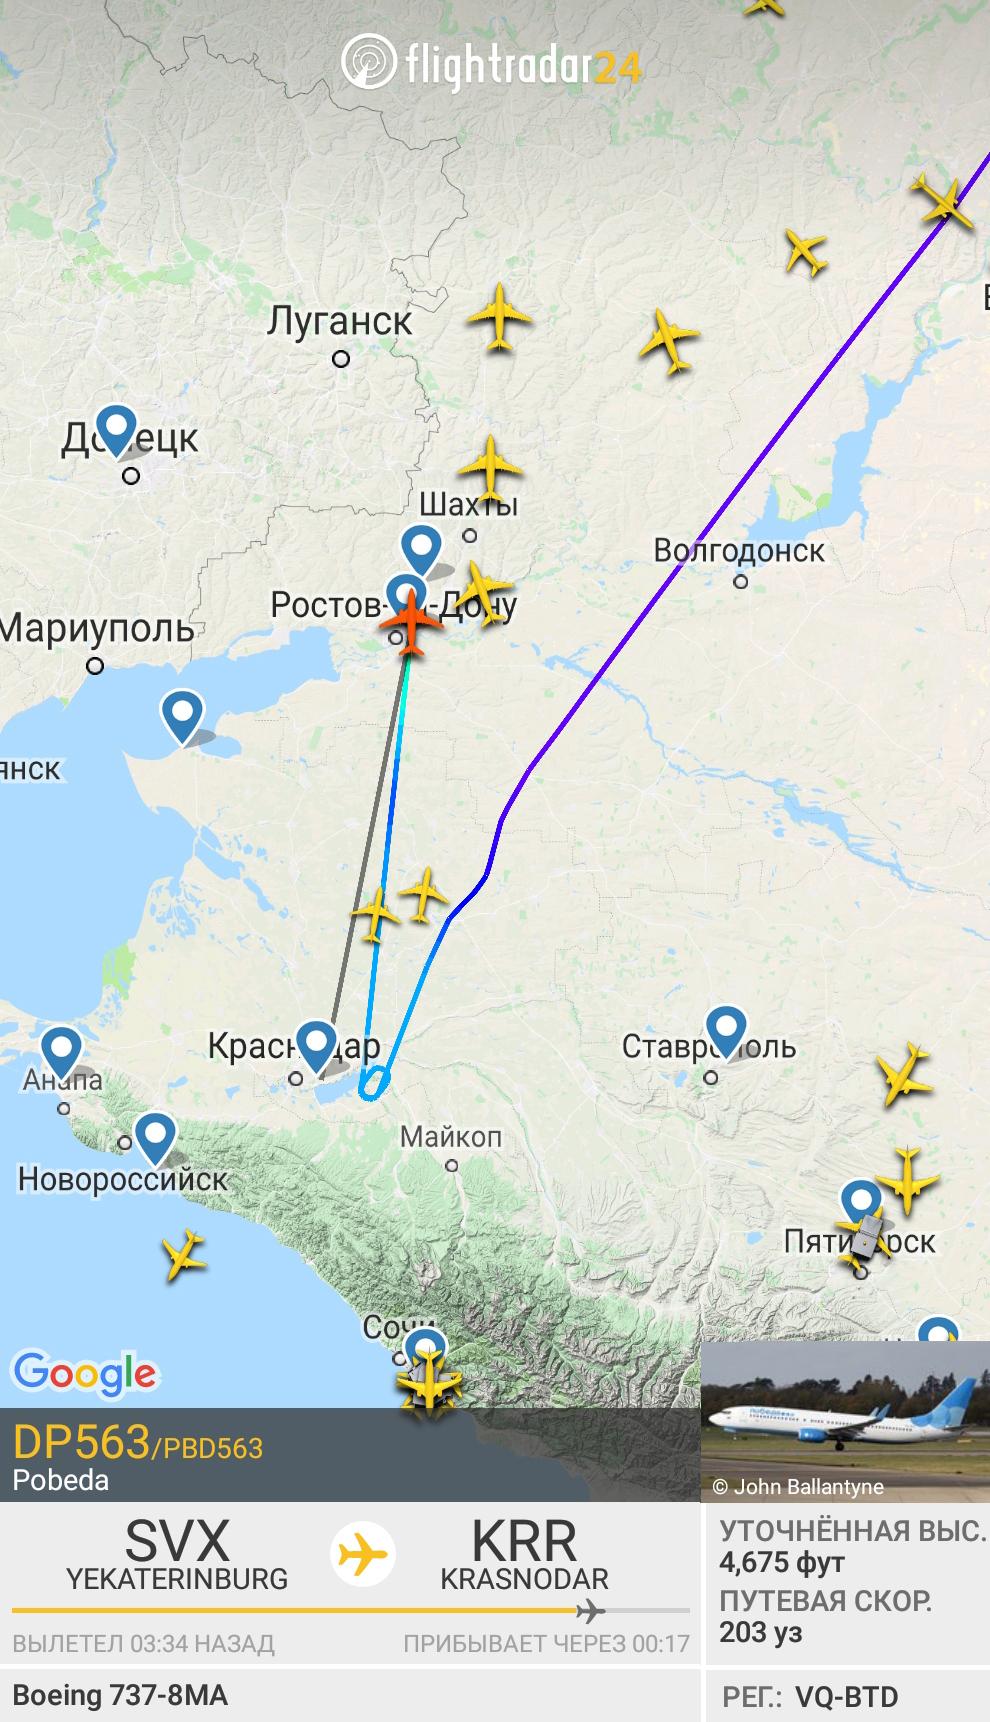 А вот тот же самолет уходит в Ростов. Так я еще до объявления задержки рейса понял, что придется ждать минимум пару лишних часов